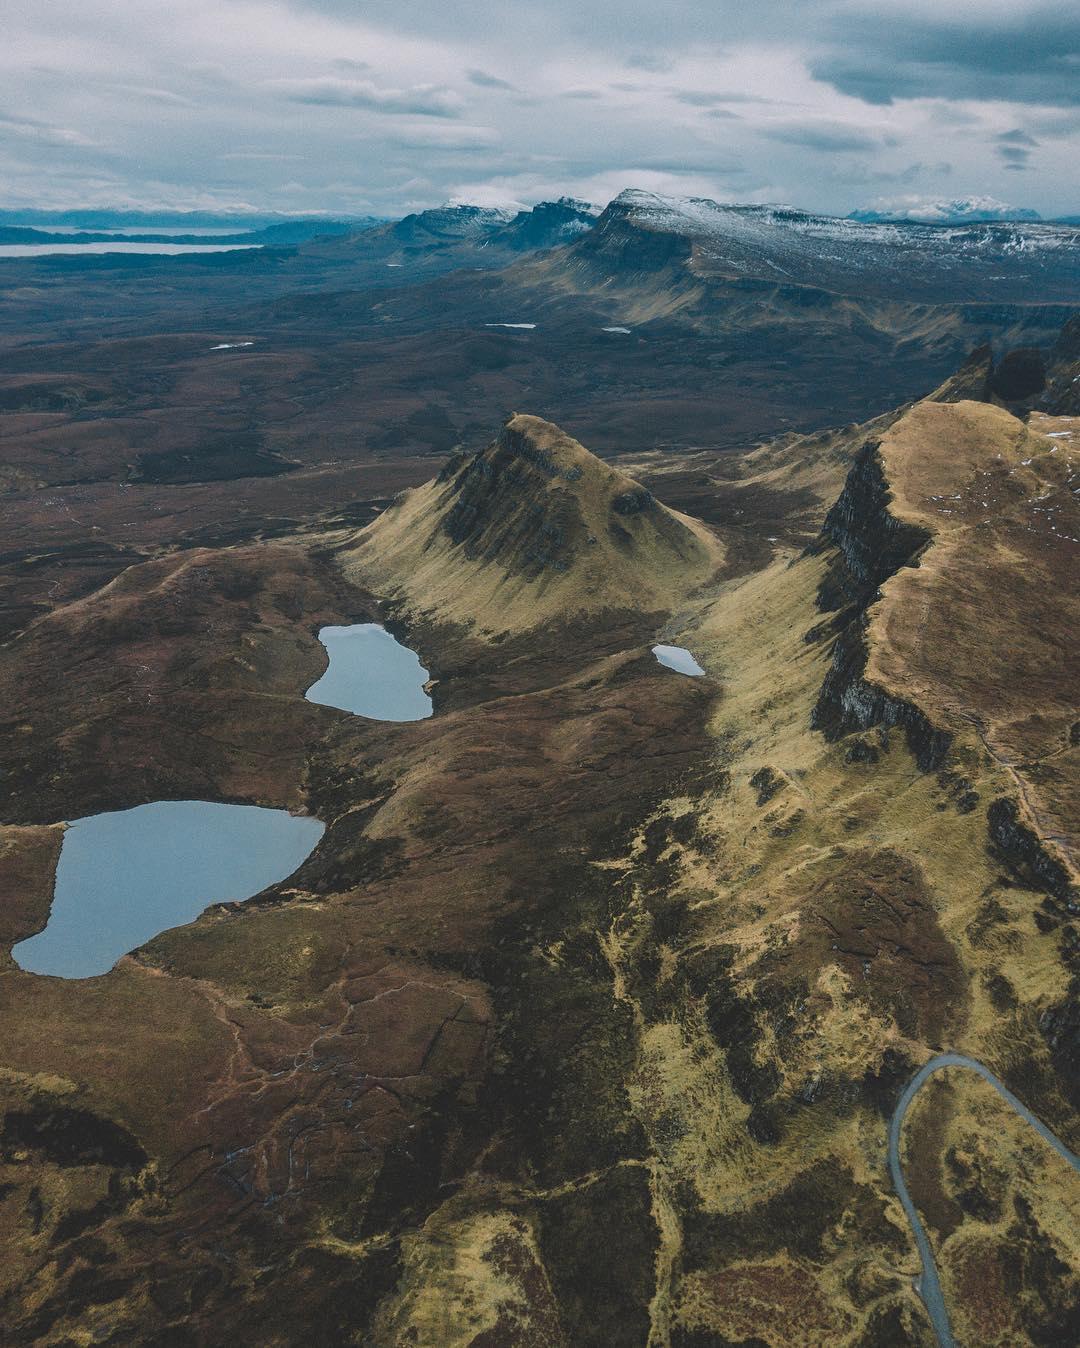 Замечательные снимки из путешествий Кармен Хутер